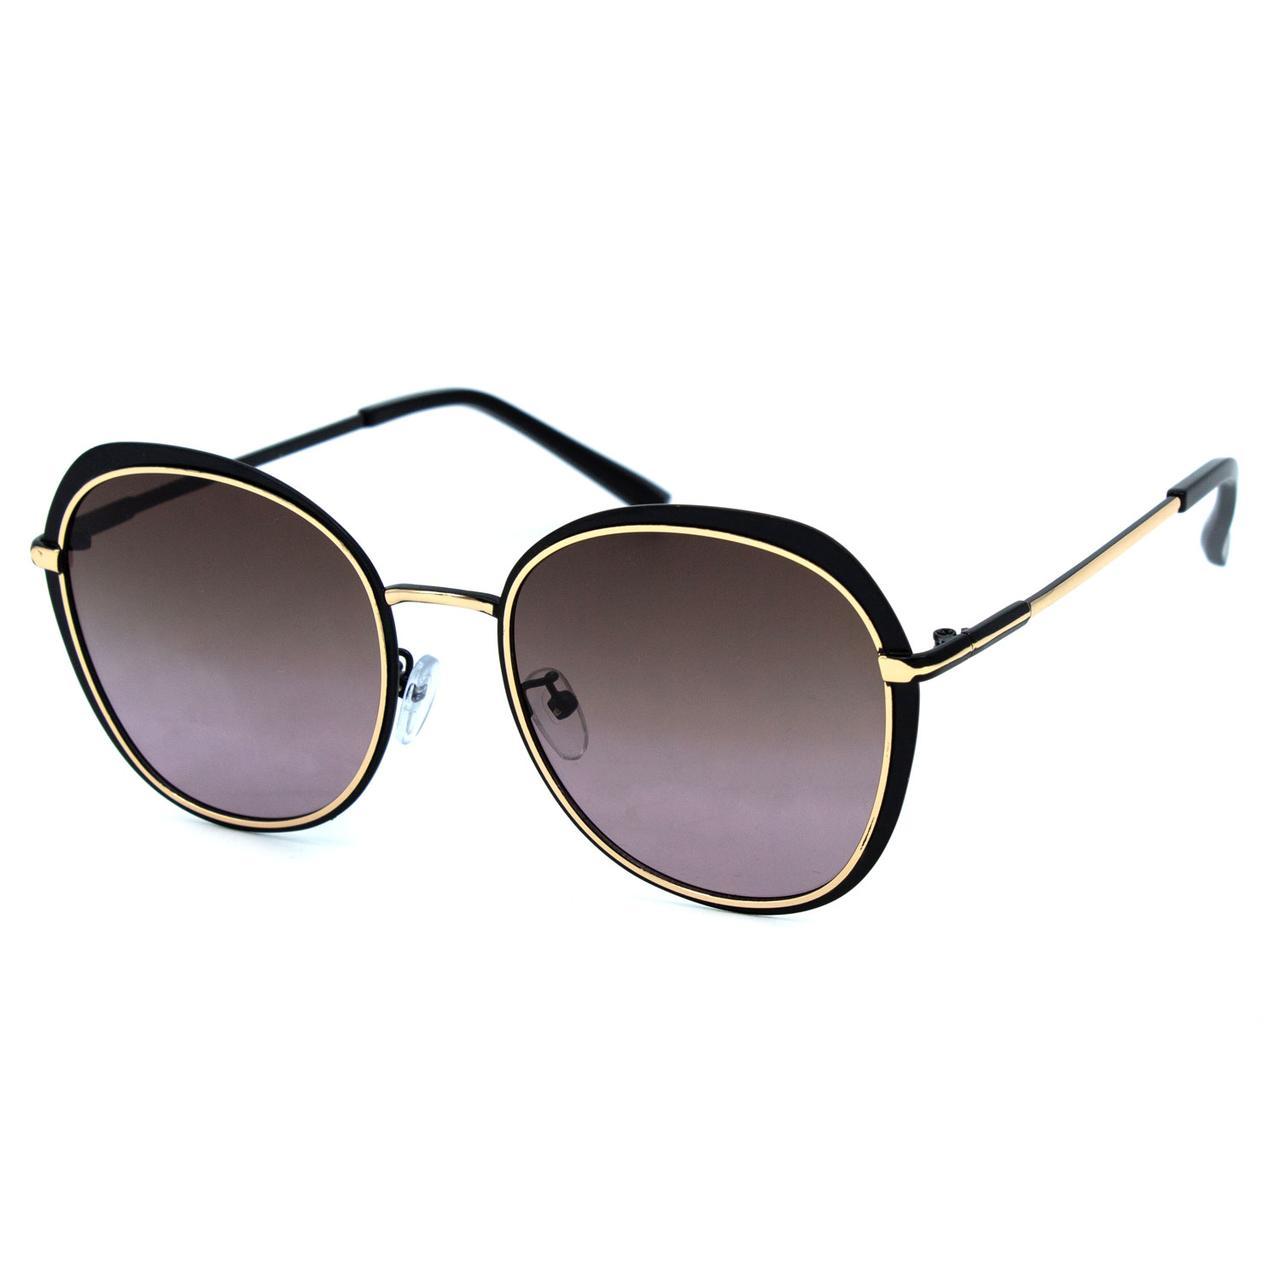 Солнцезащитные очки Marmilen Polar P8707 C1 черные с градиентом   ( ROP8707-01 )